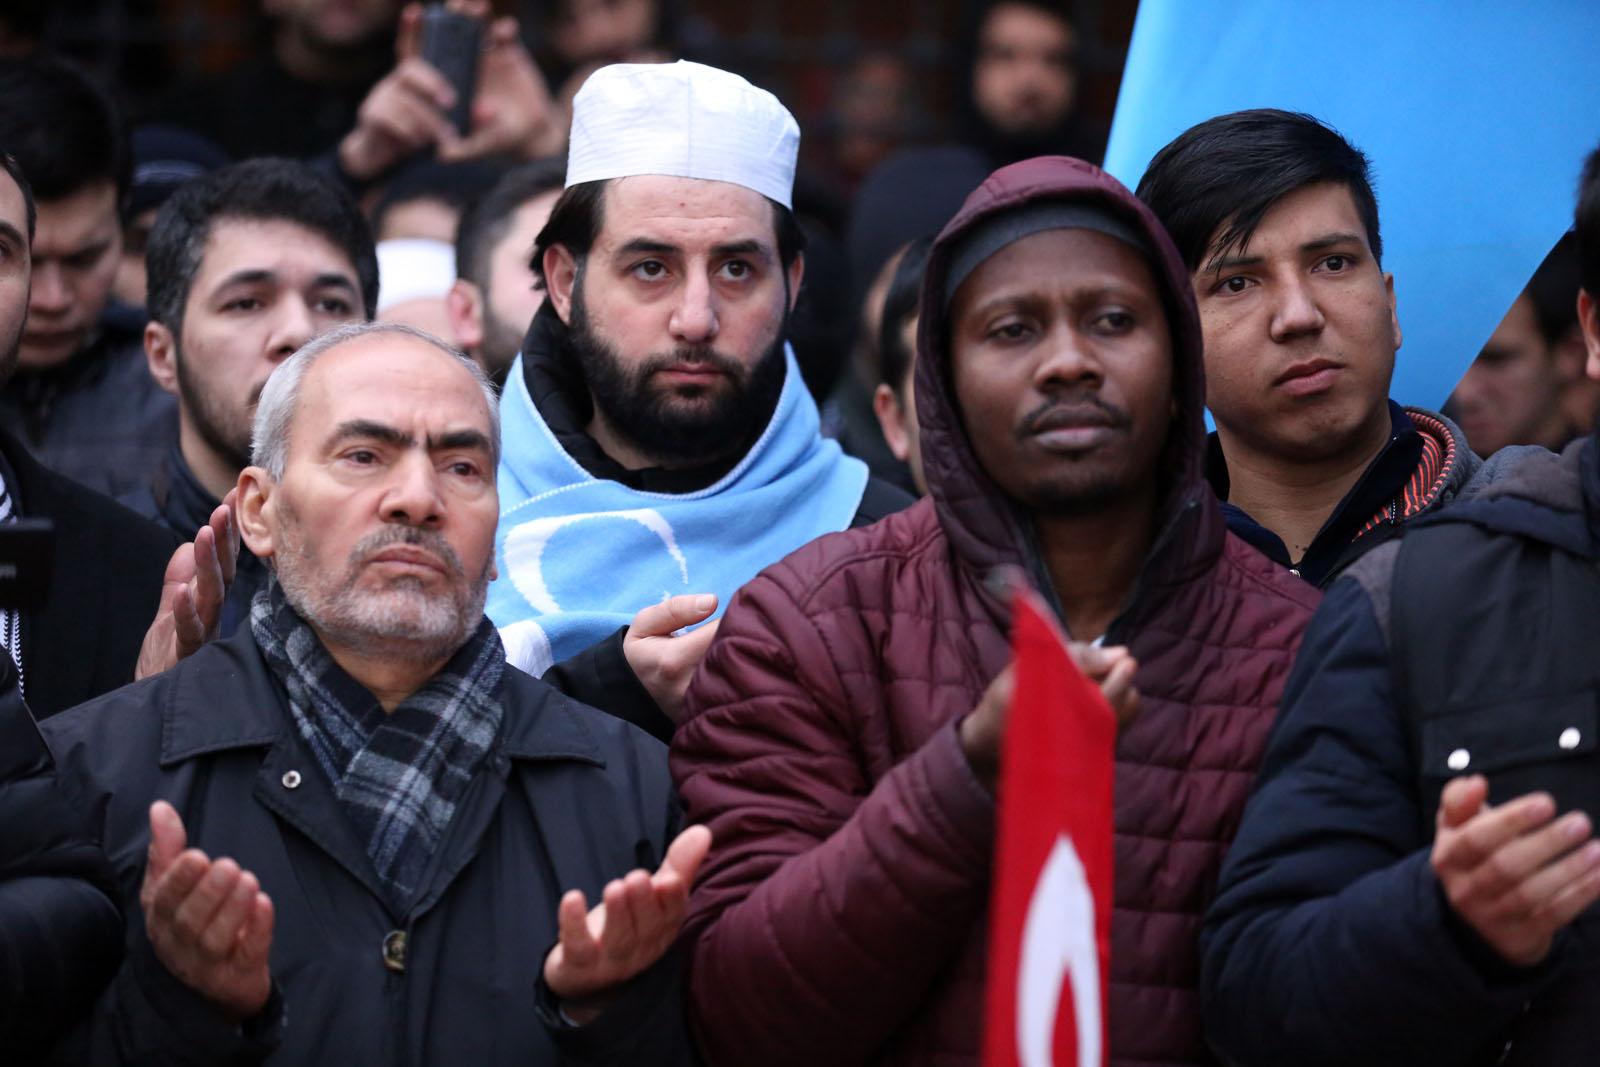 Sabah Namazı Devriminden Doğu Türkistan Anadolu'dur, Ses ver Türkiye! Protestosu